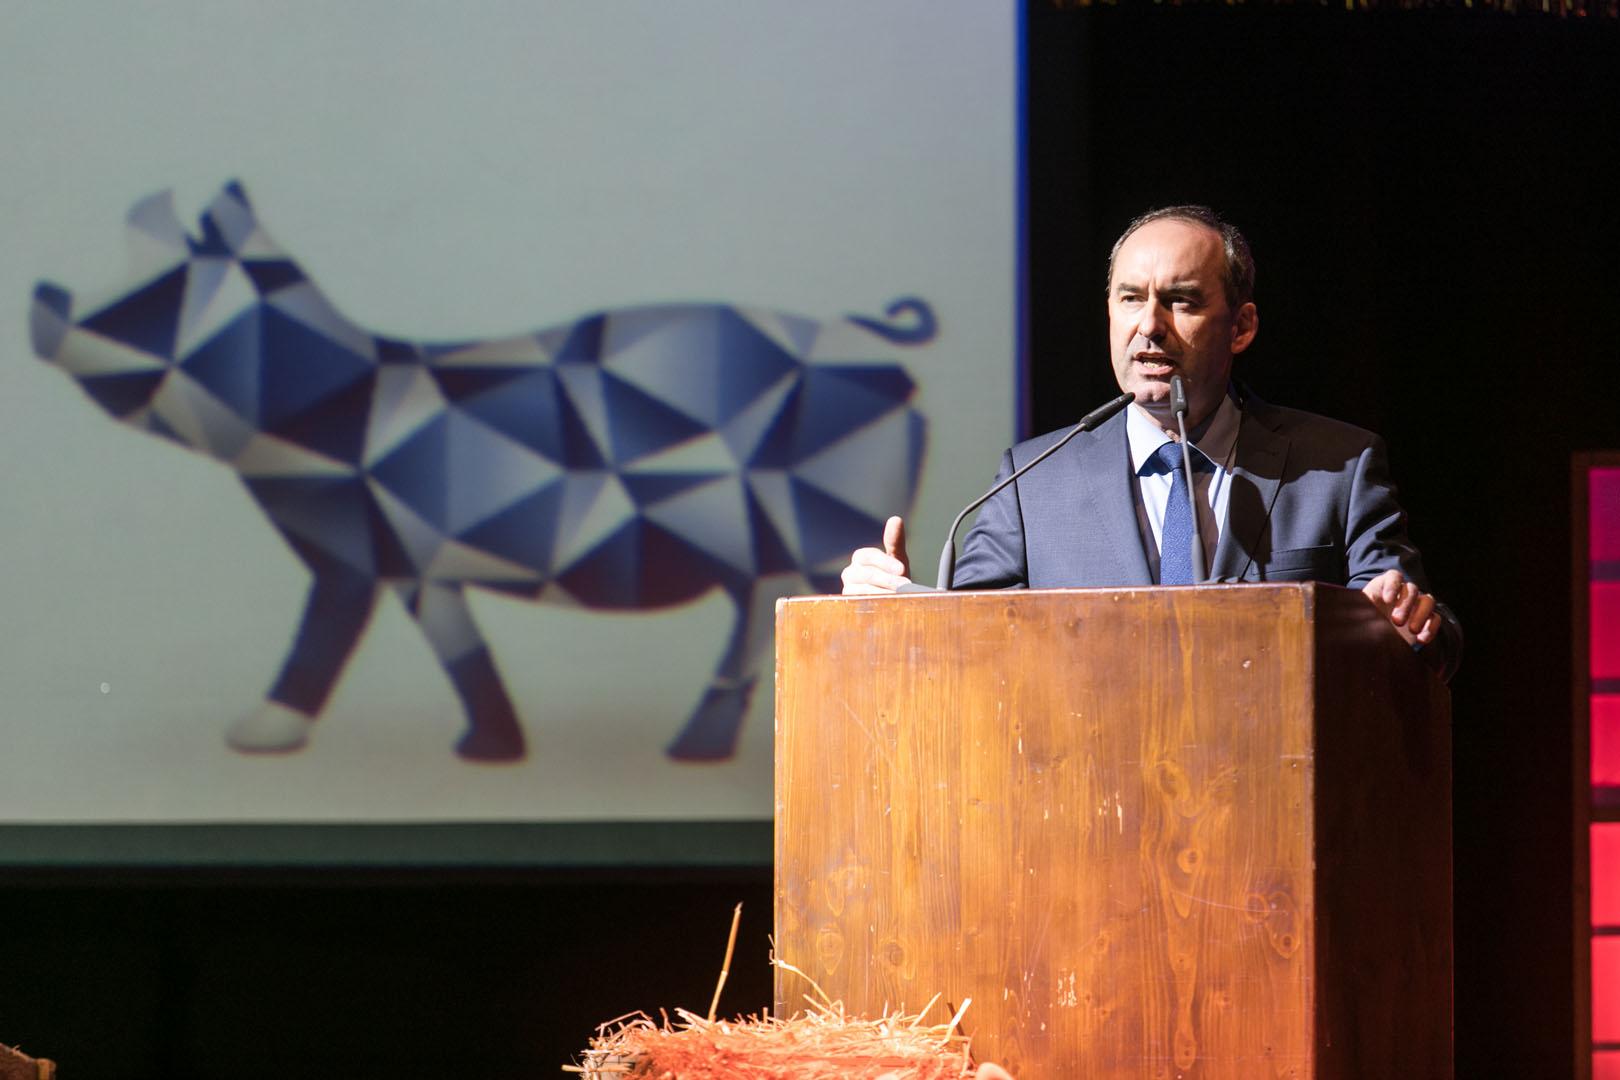 Begrüßung durch den Staatsminister Hubert Aiwanger